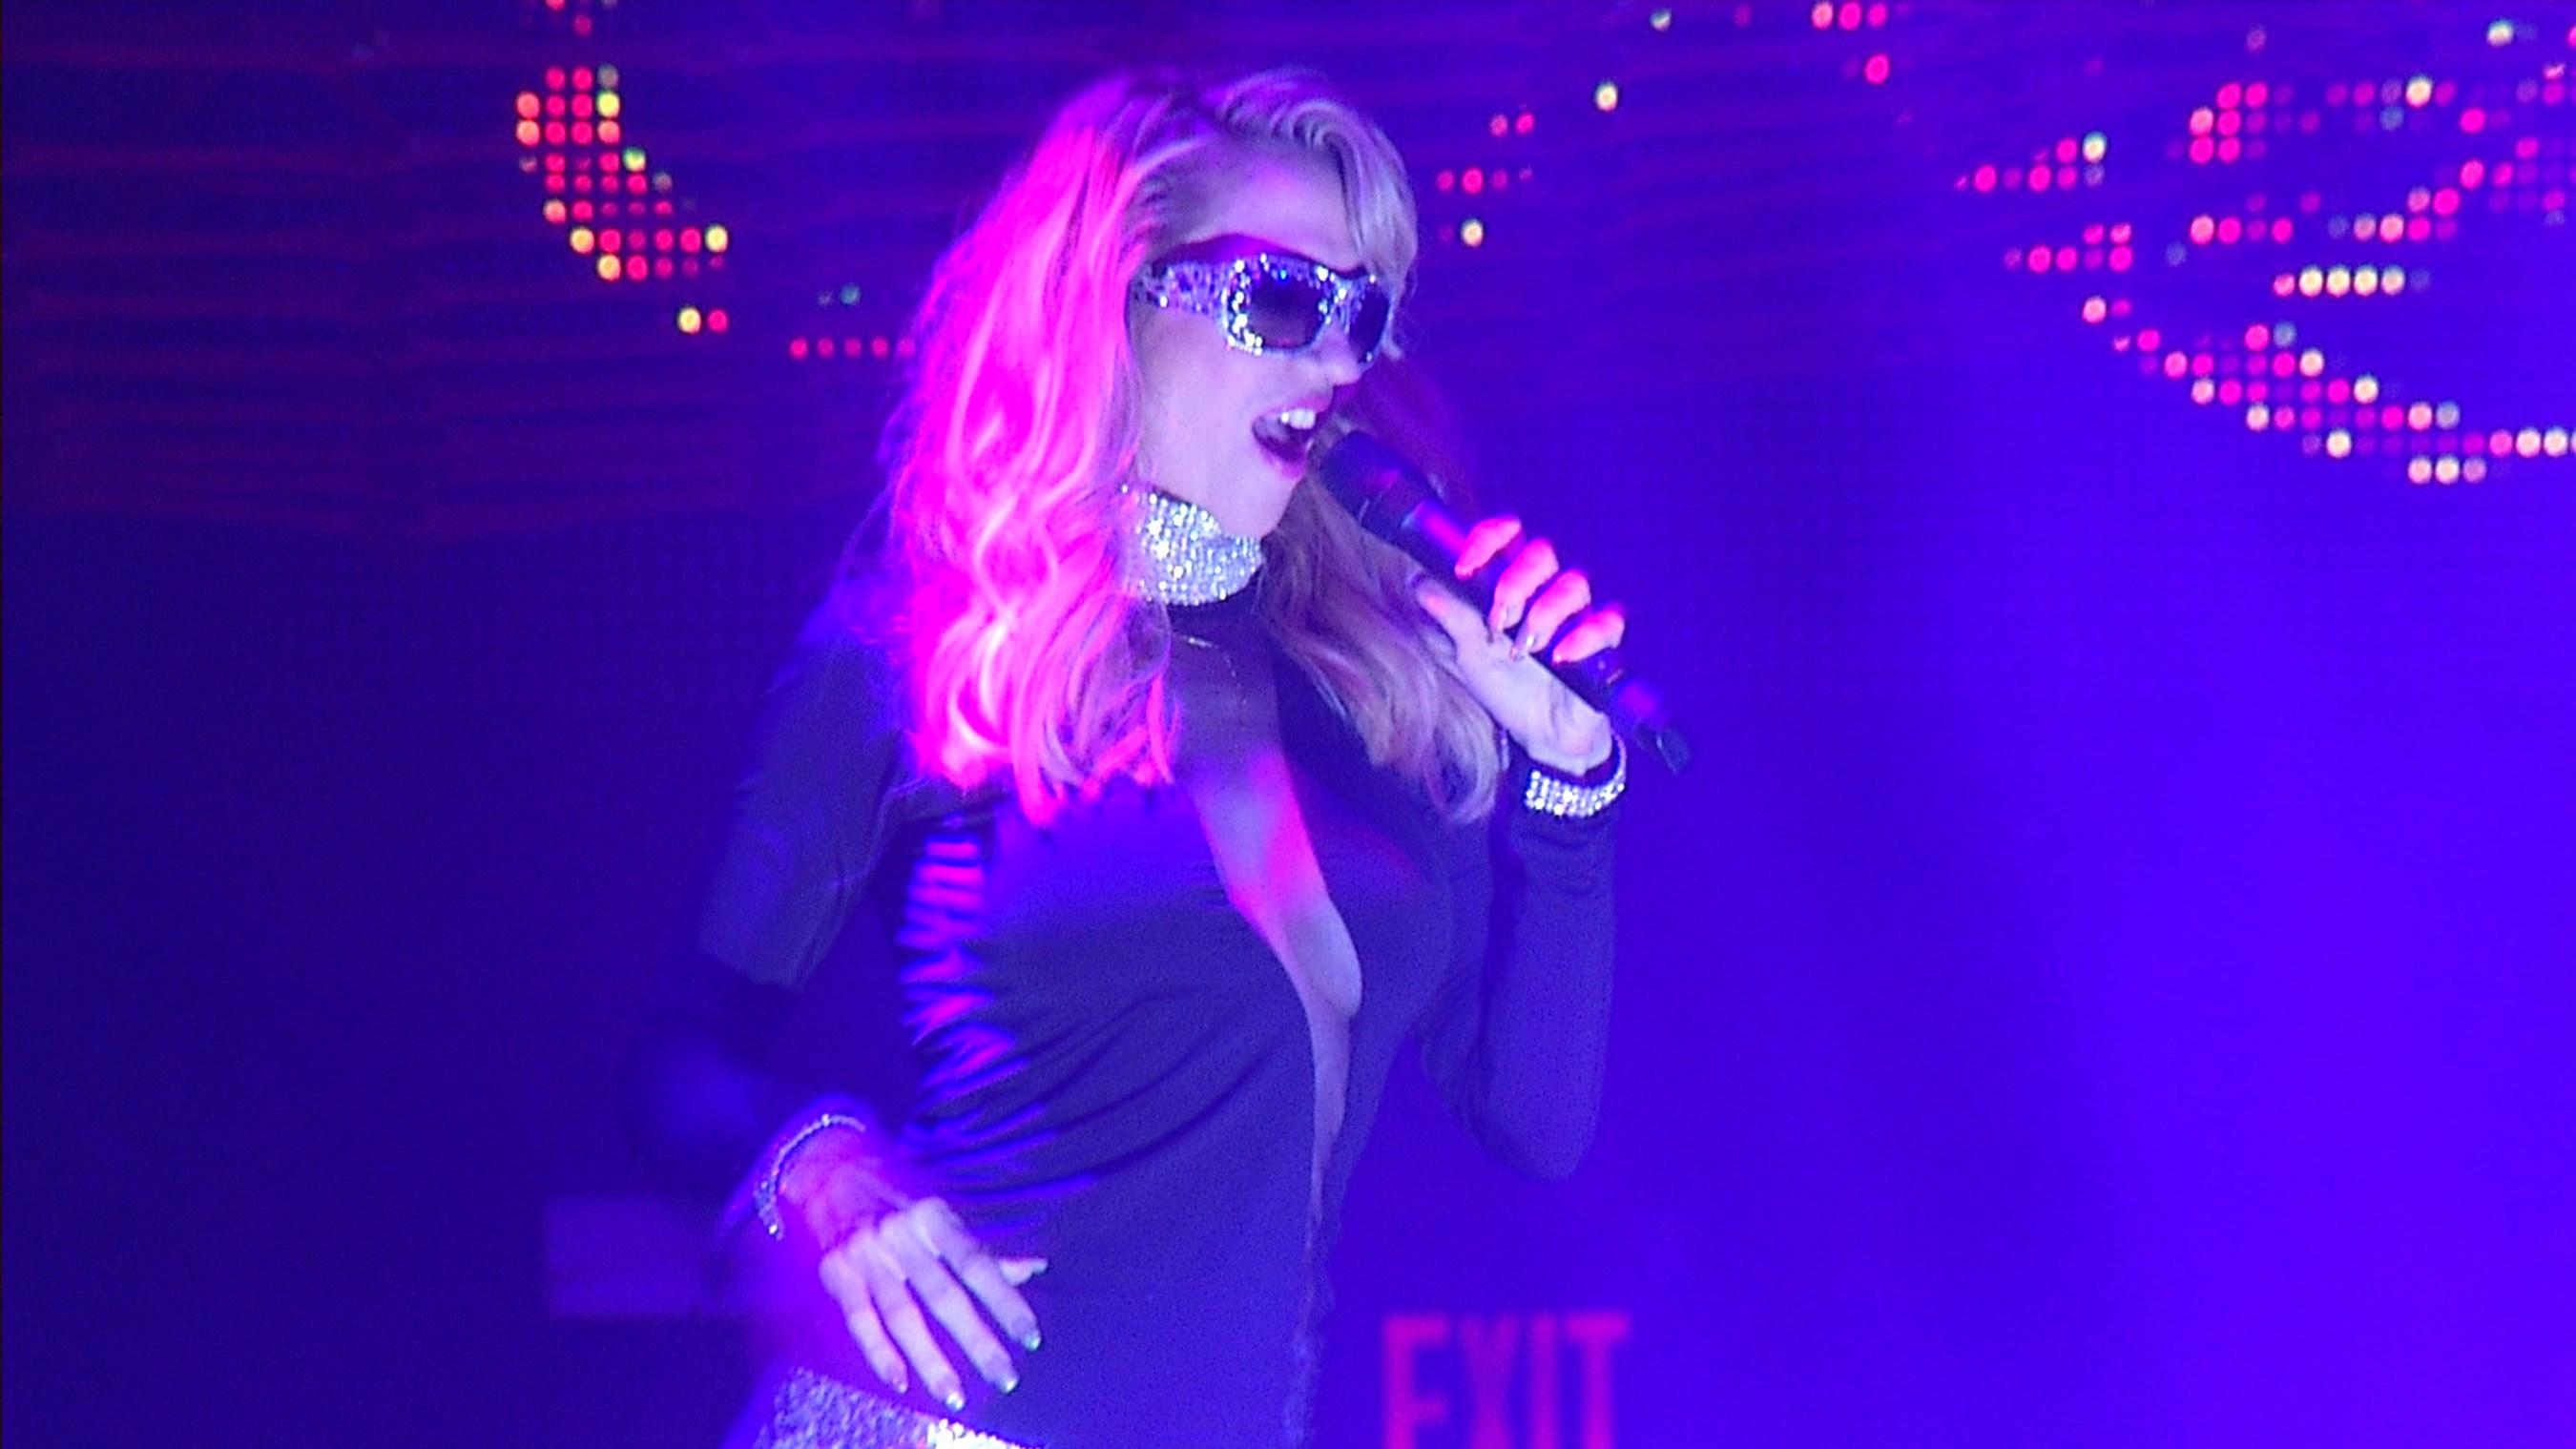 EDM-Prinzessin Noelia heizt Miami Beach bei Auftritt auf der sexiesten Neujahrsparty ein